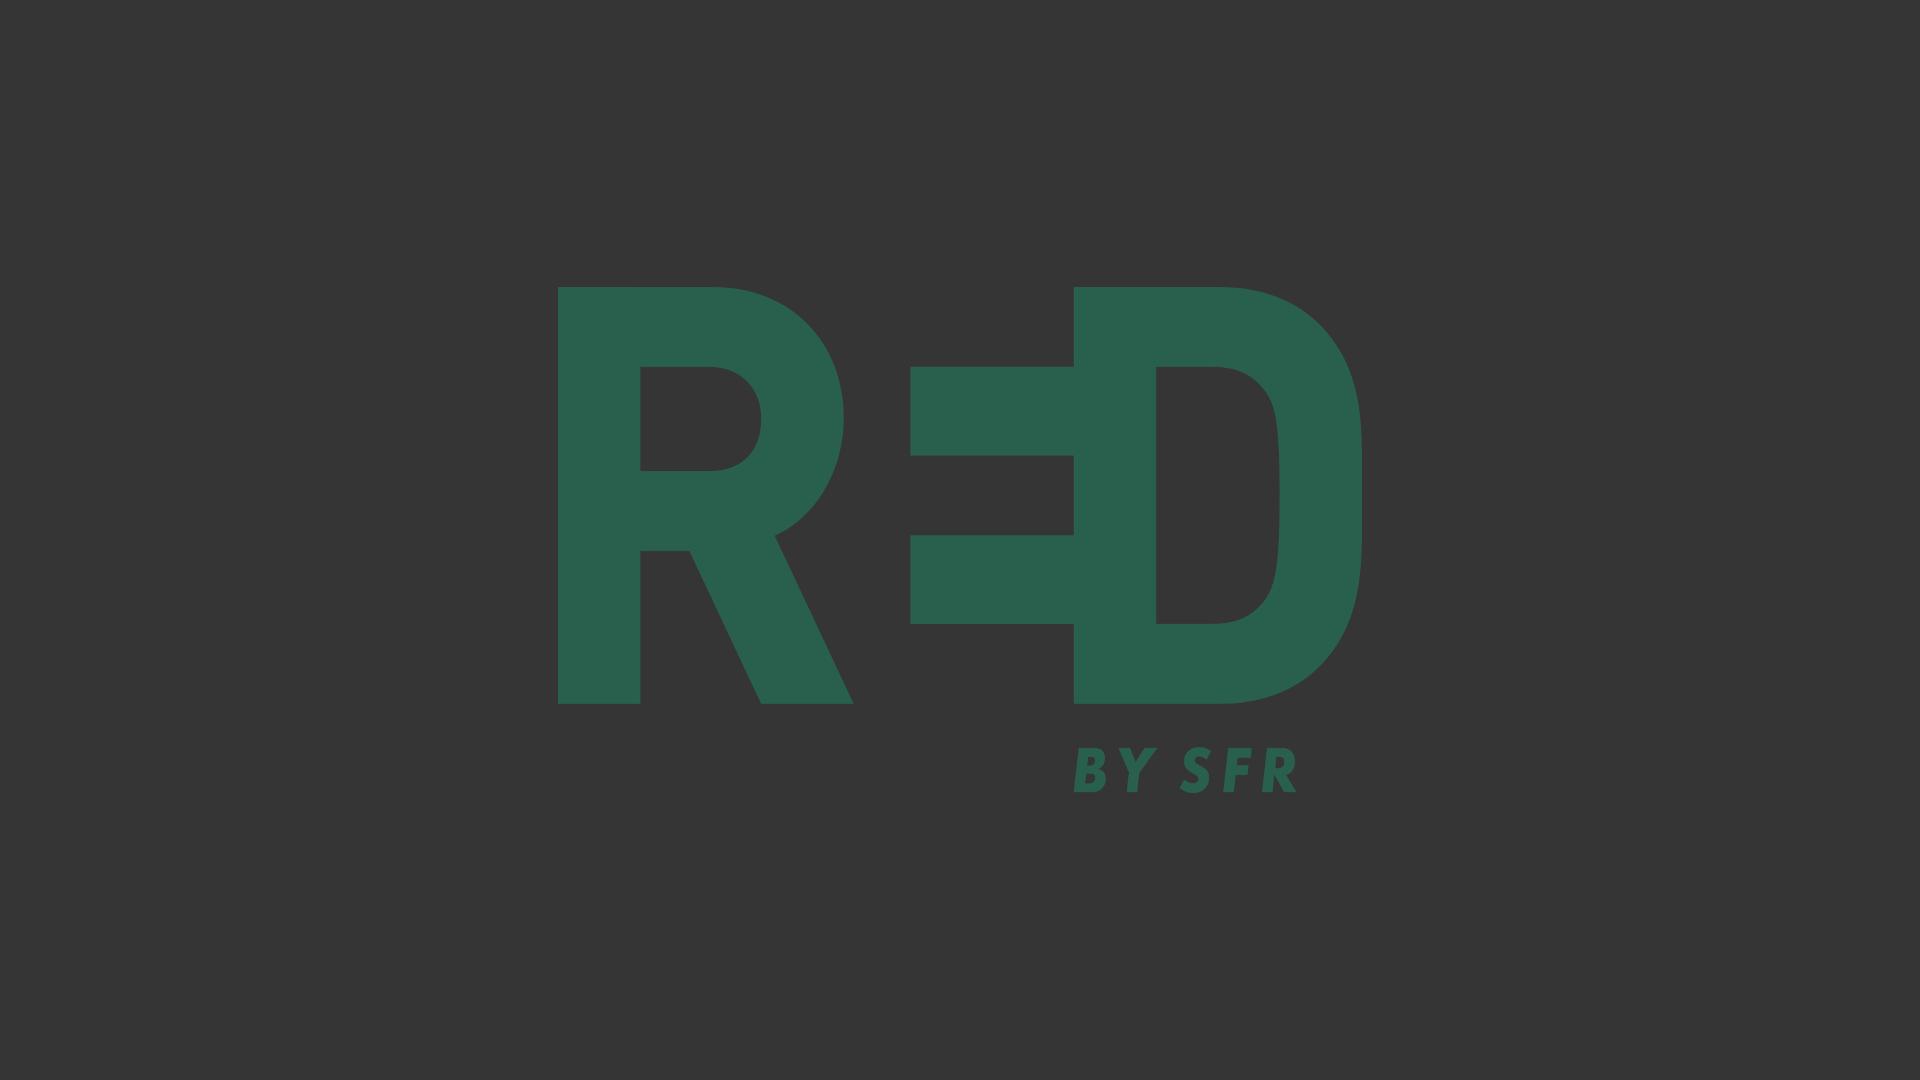 Adventure Conseil enrichit et optimise la collecte de leads pour RED by SFR